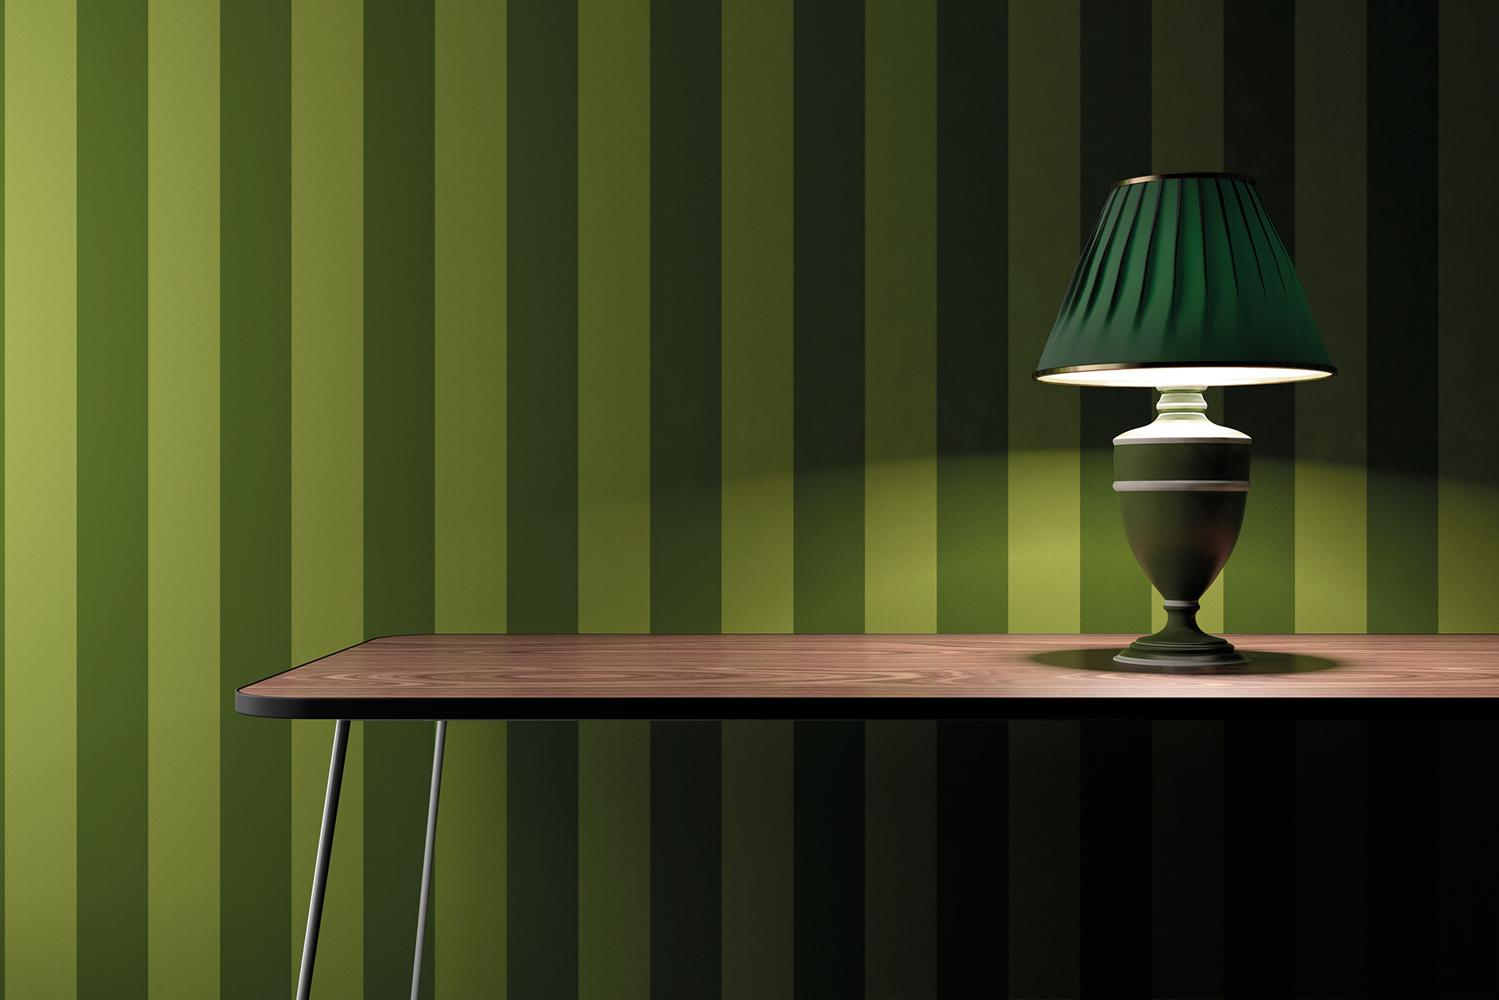 Kis Una casa a tutto colore! | gallery 3